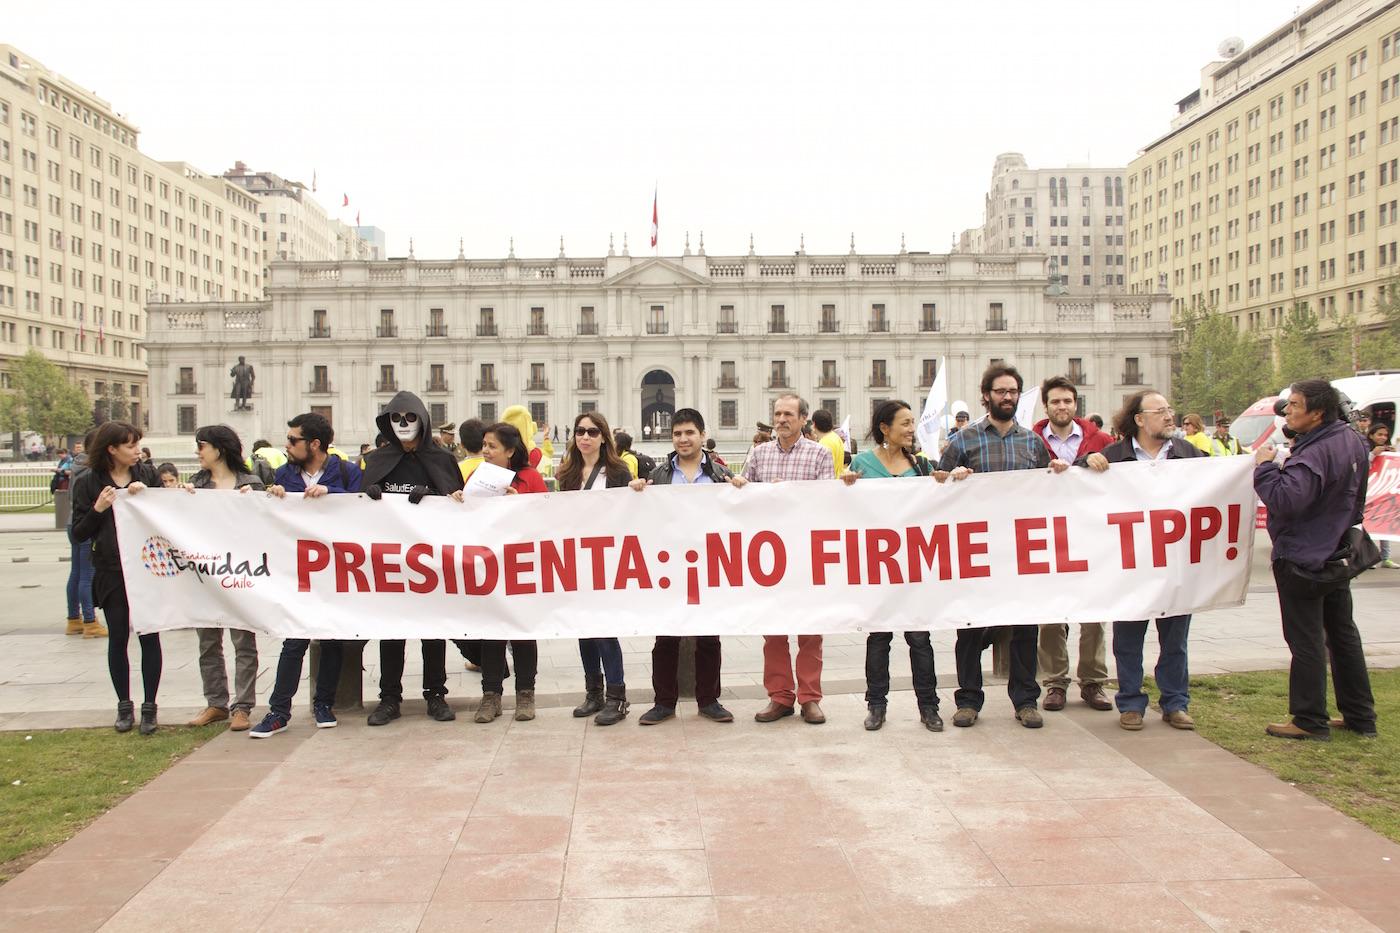 Gobierno chileno firma el TPP el 4 de febrero: Convocan a movilización frente a La Moneda